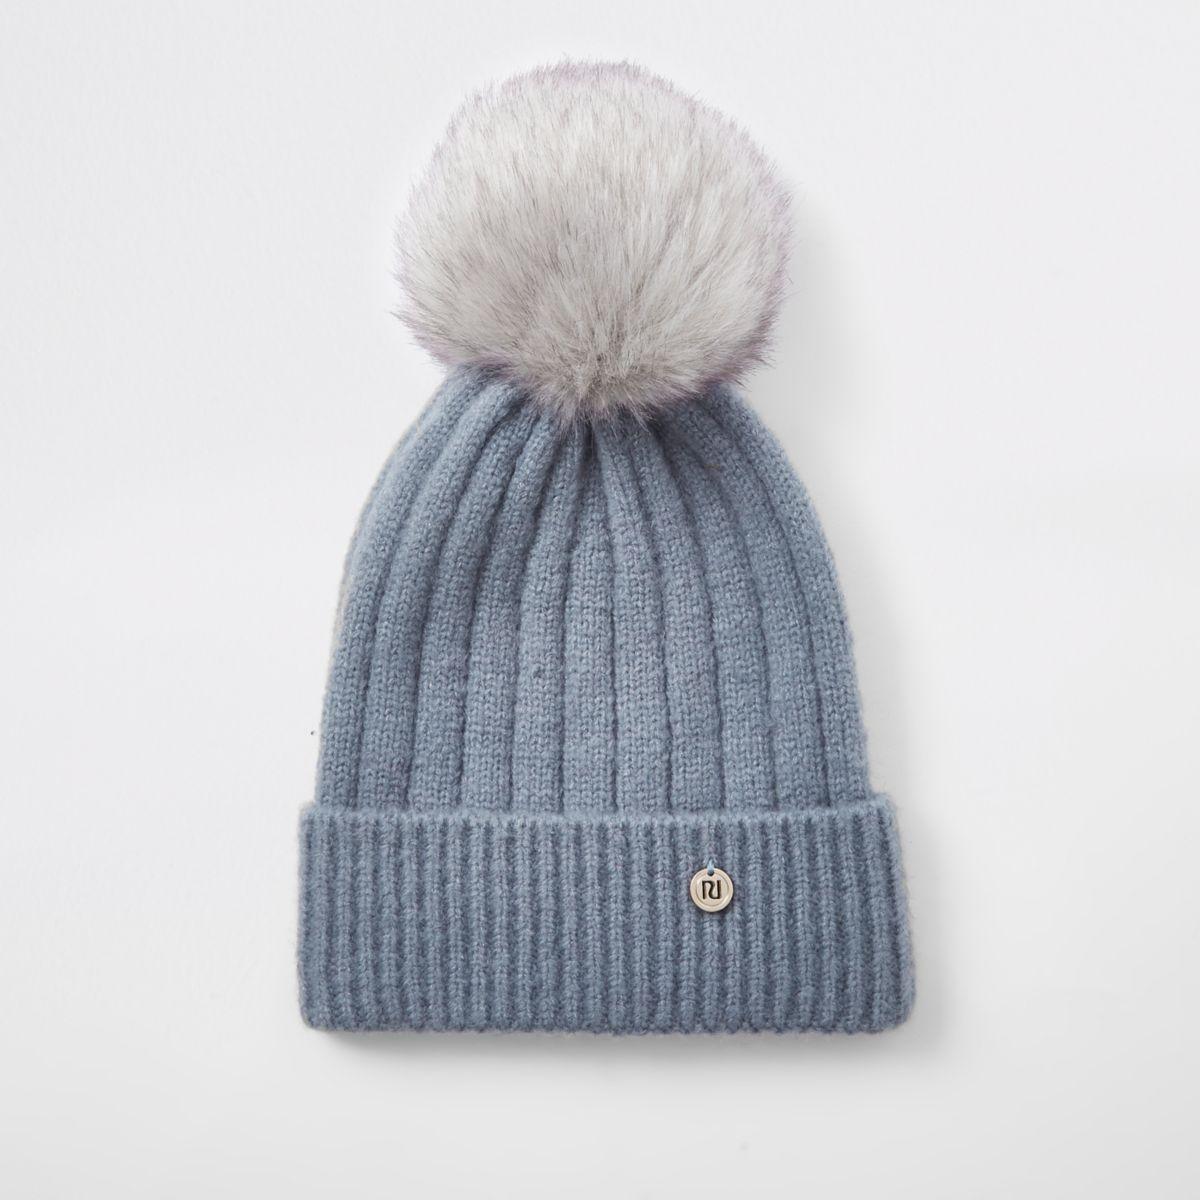 Light blue faux fur bobble knit beanie hat